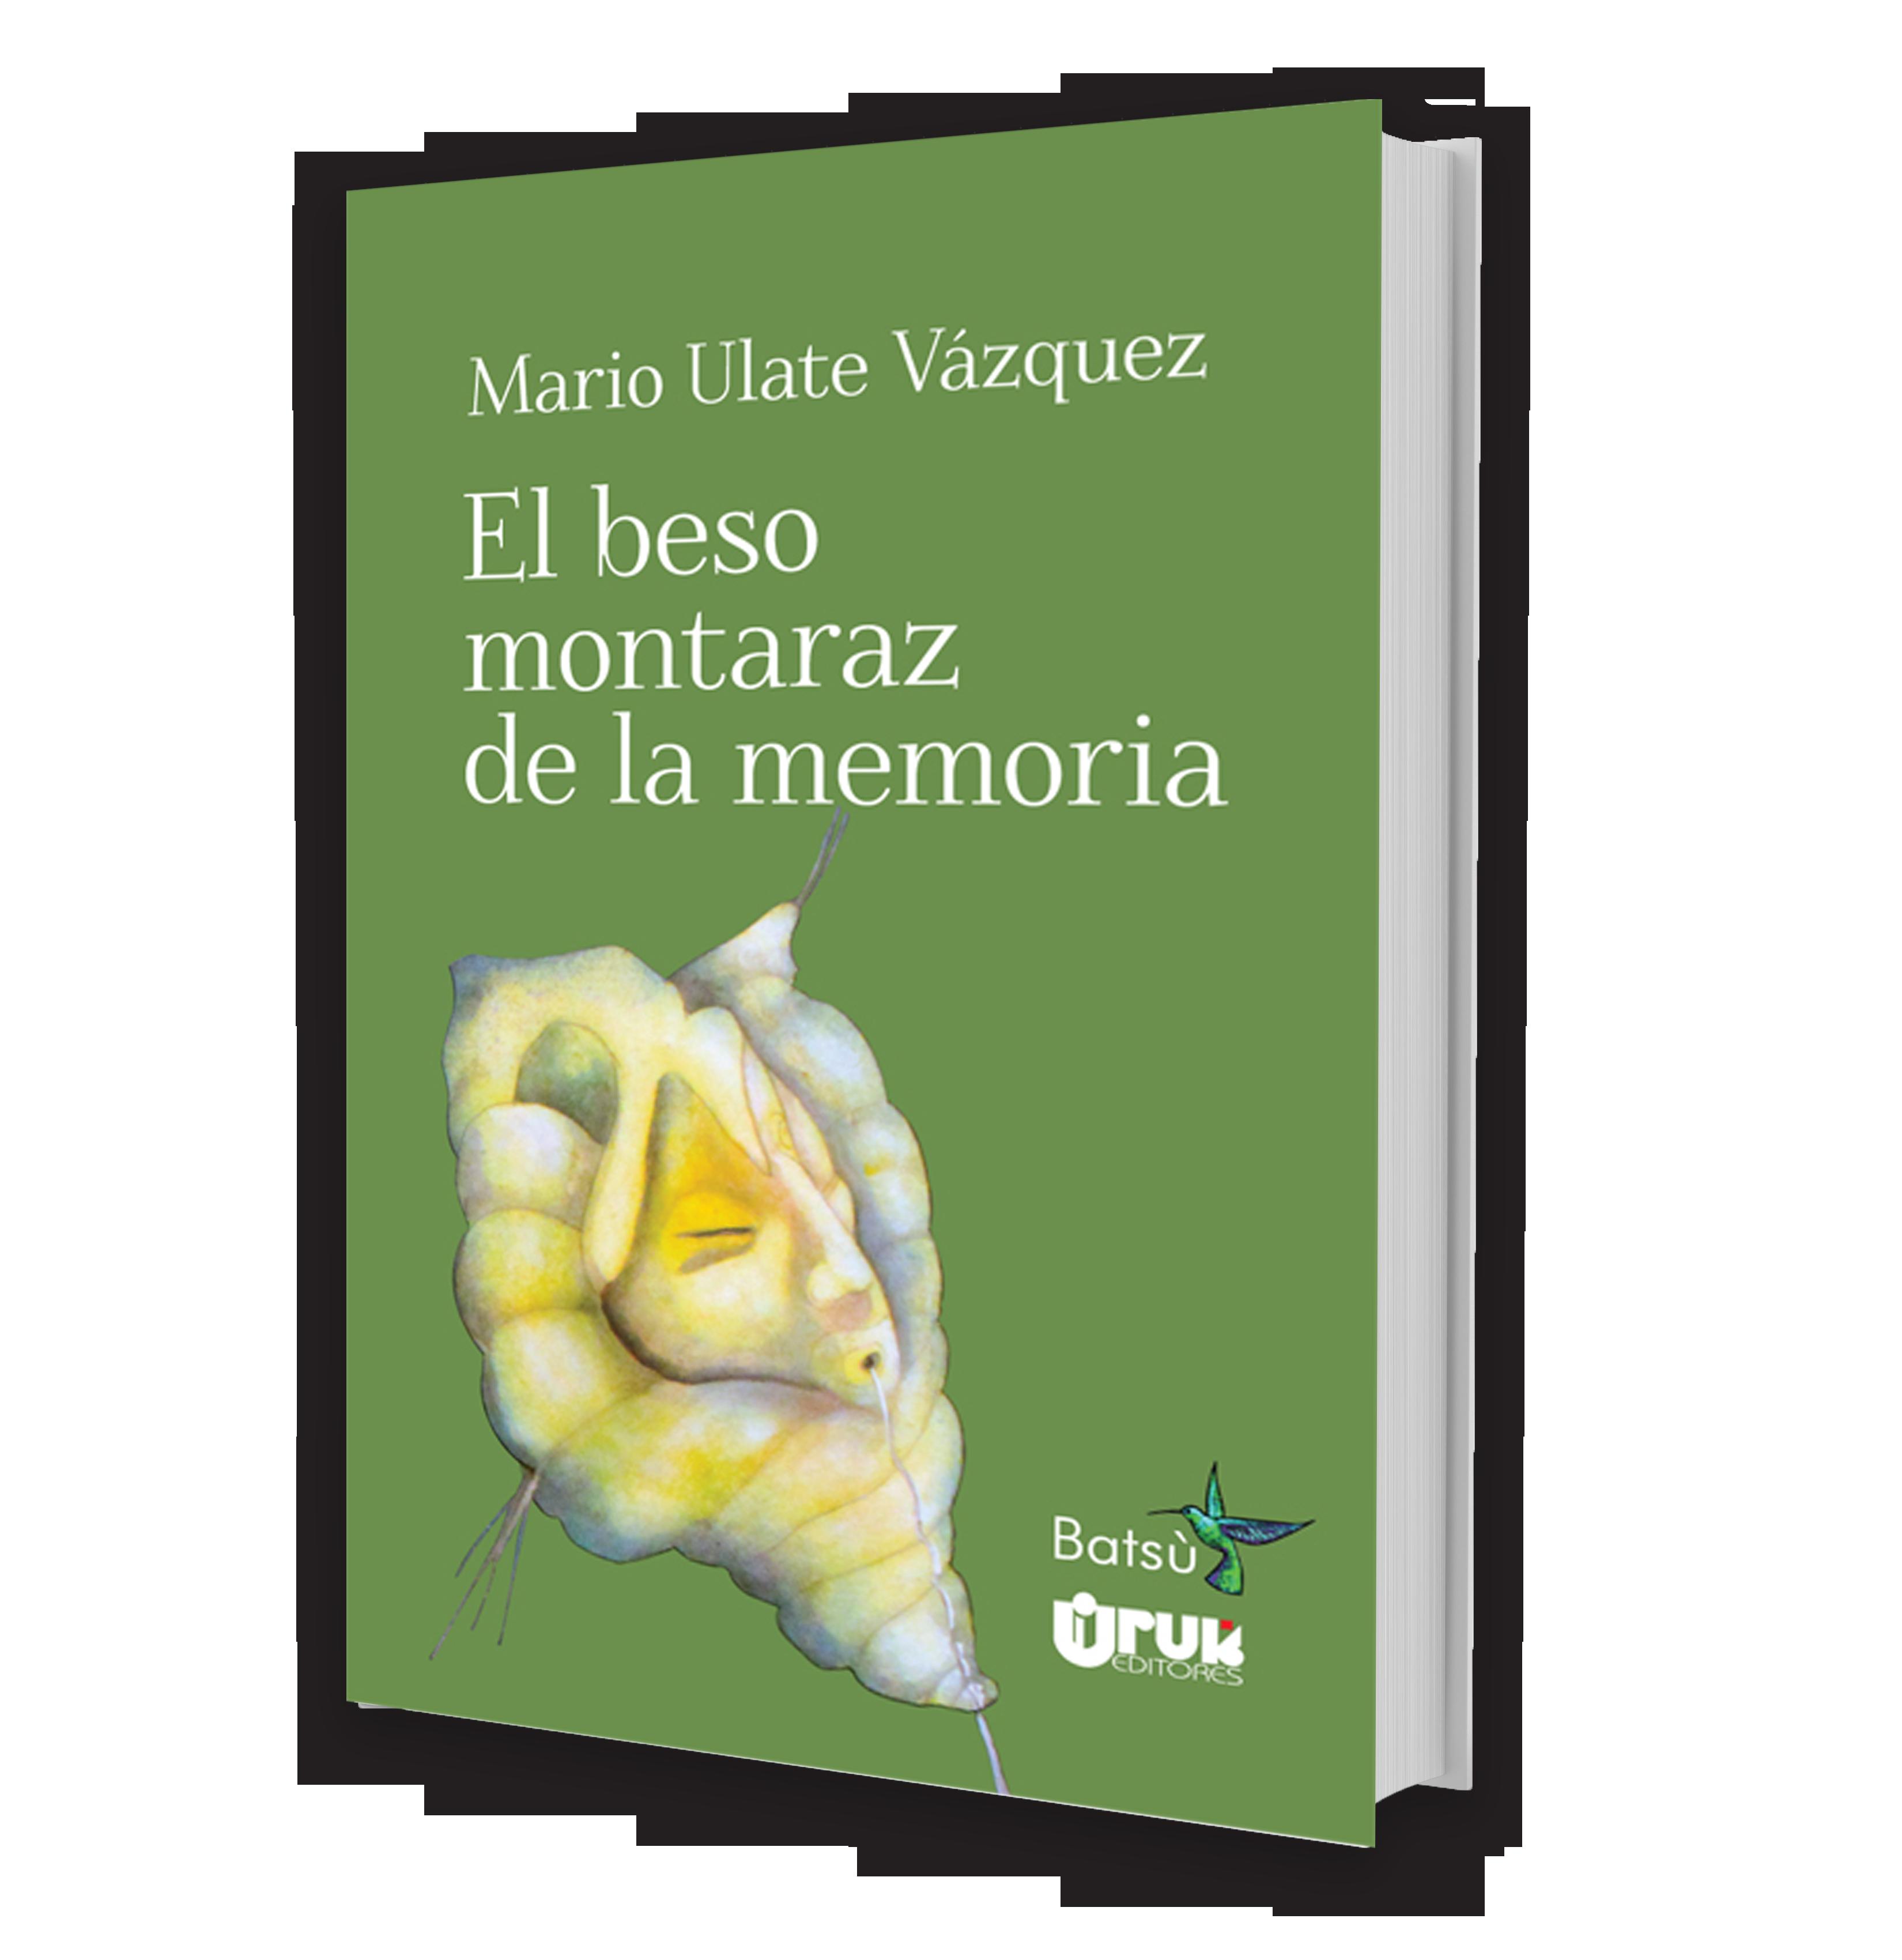 El beso montaraz de la memoria